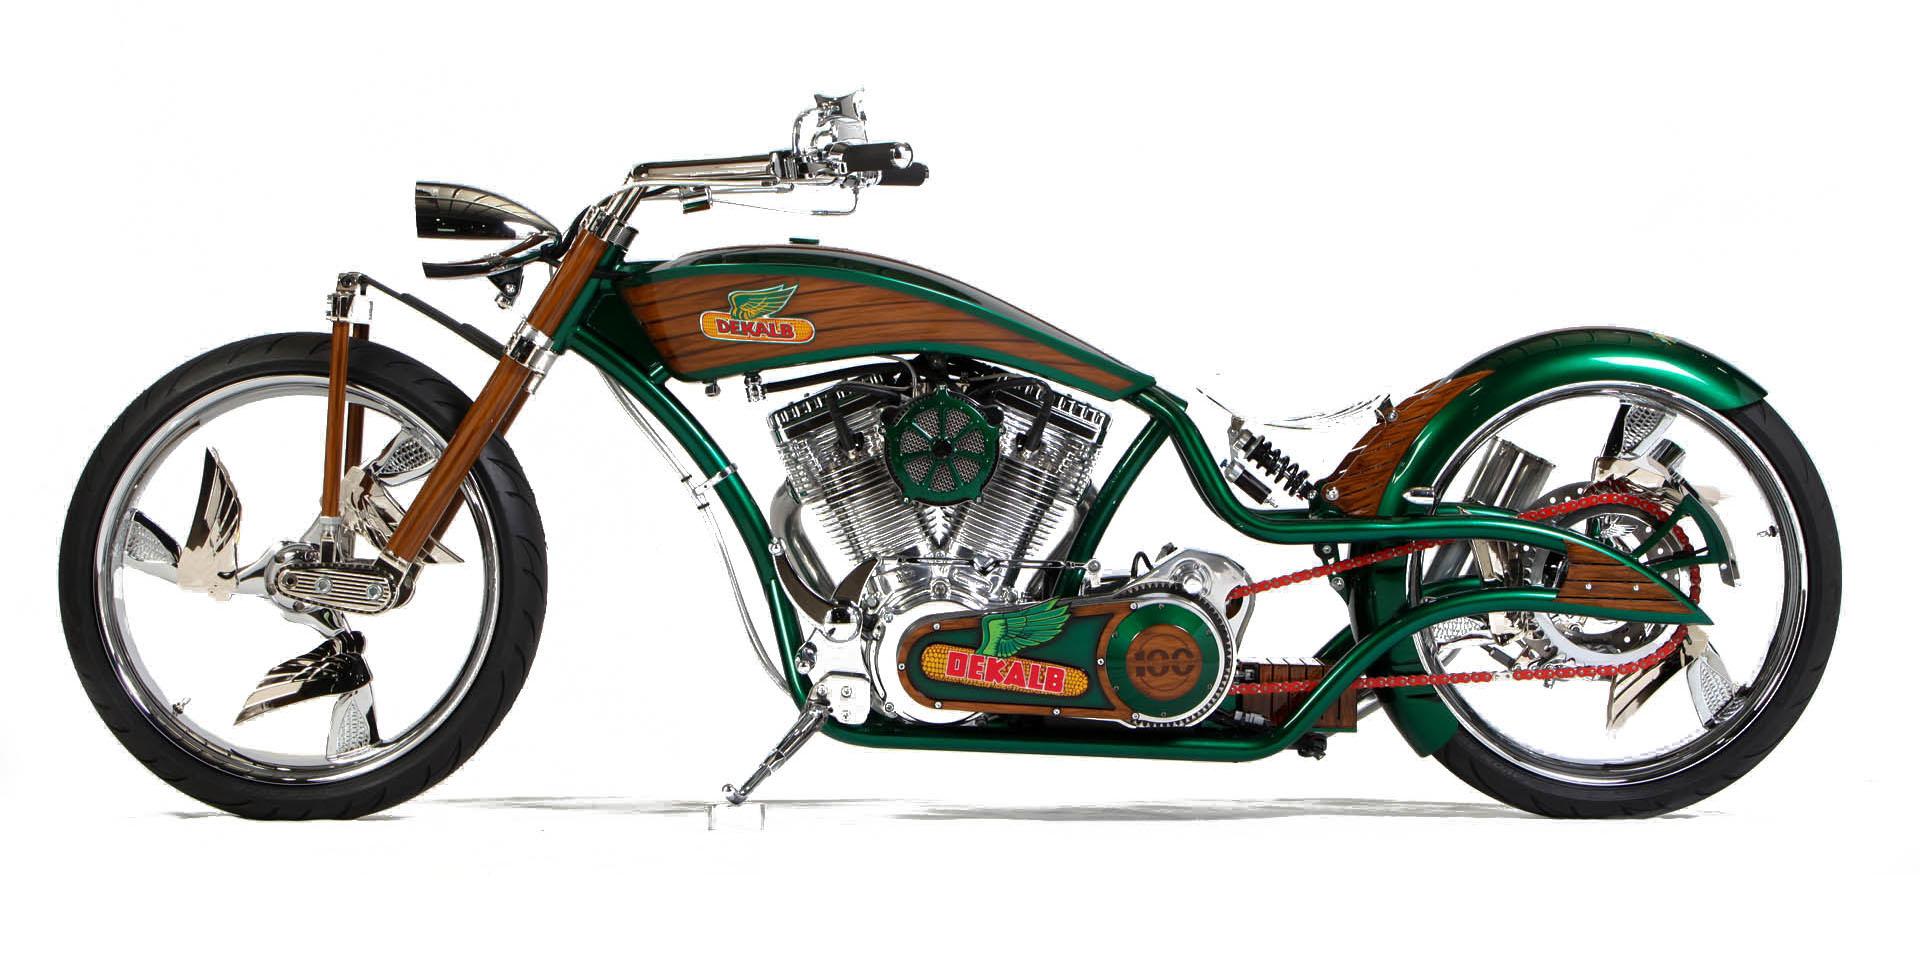 paul-jr-designs-dekalb-bike-055-1